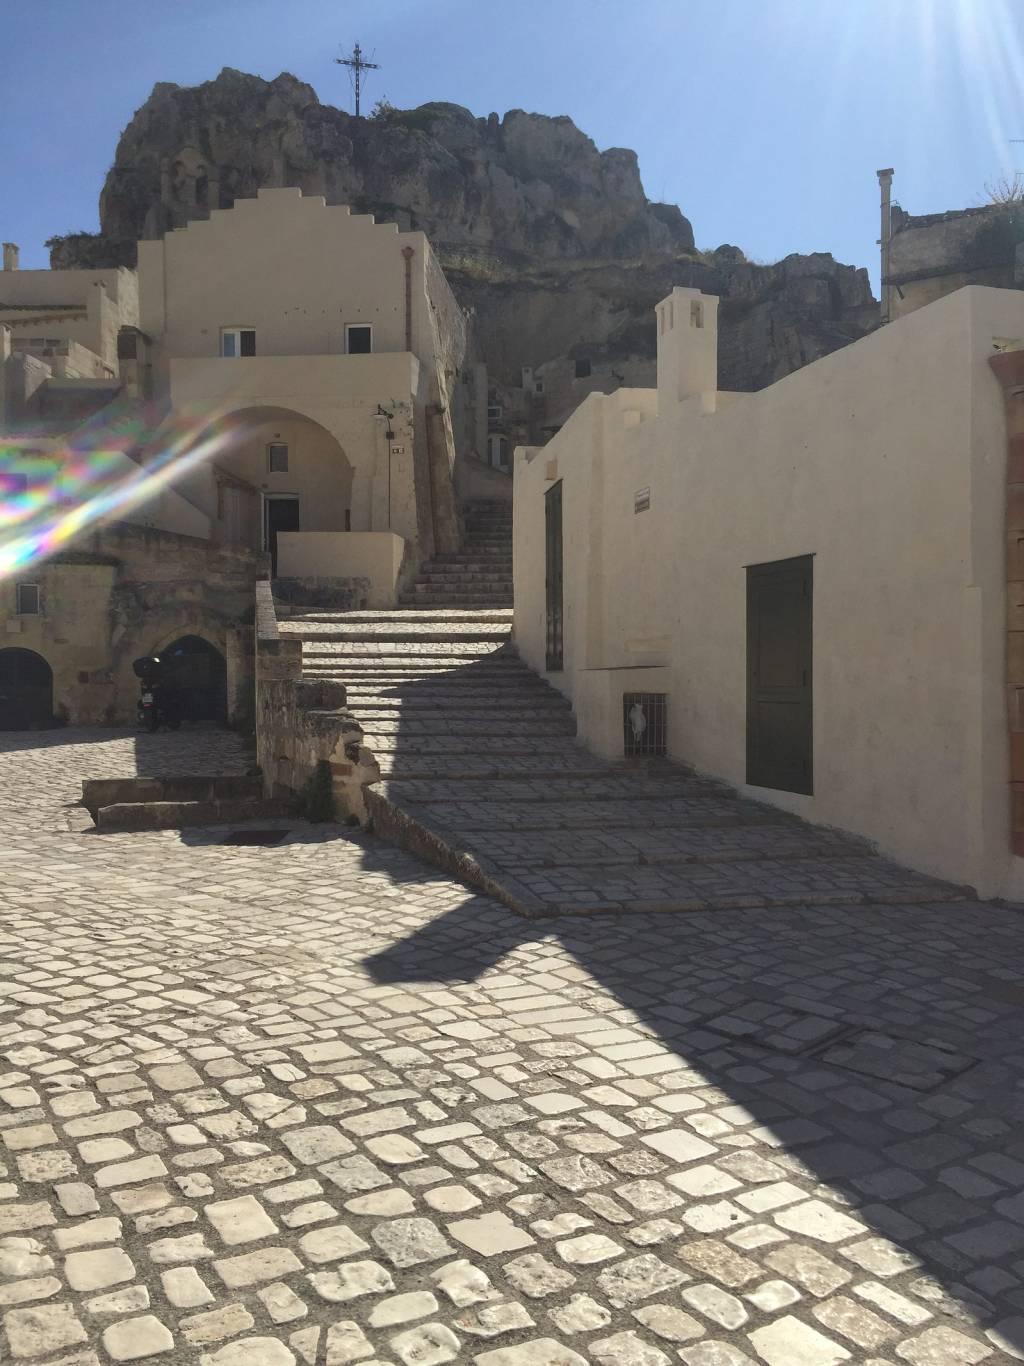 Street scene in Matera